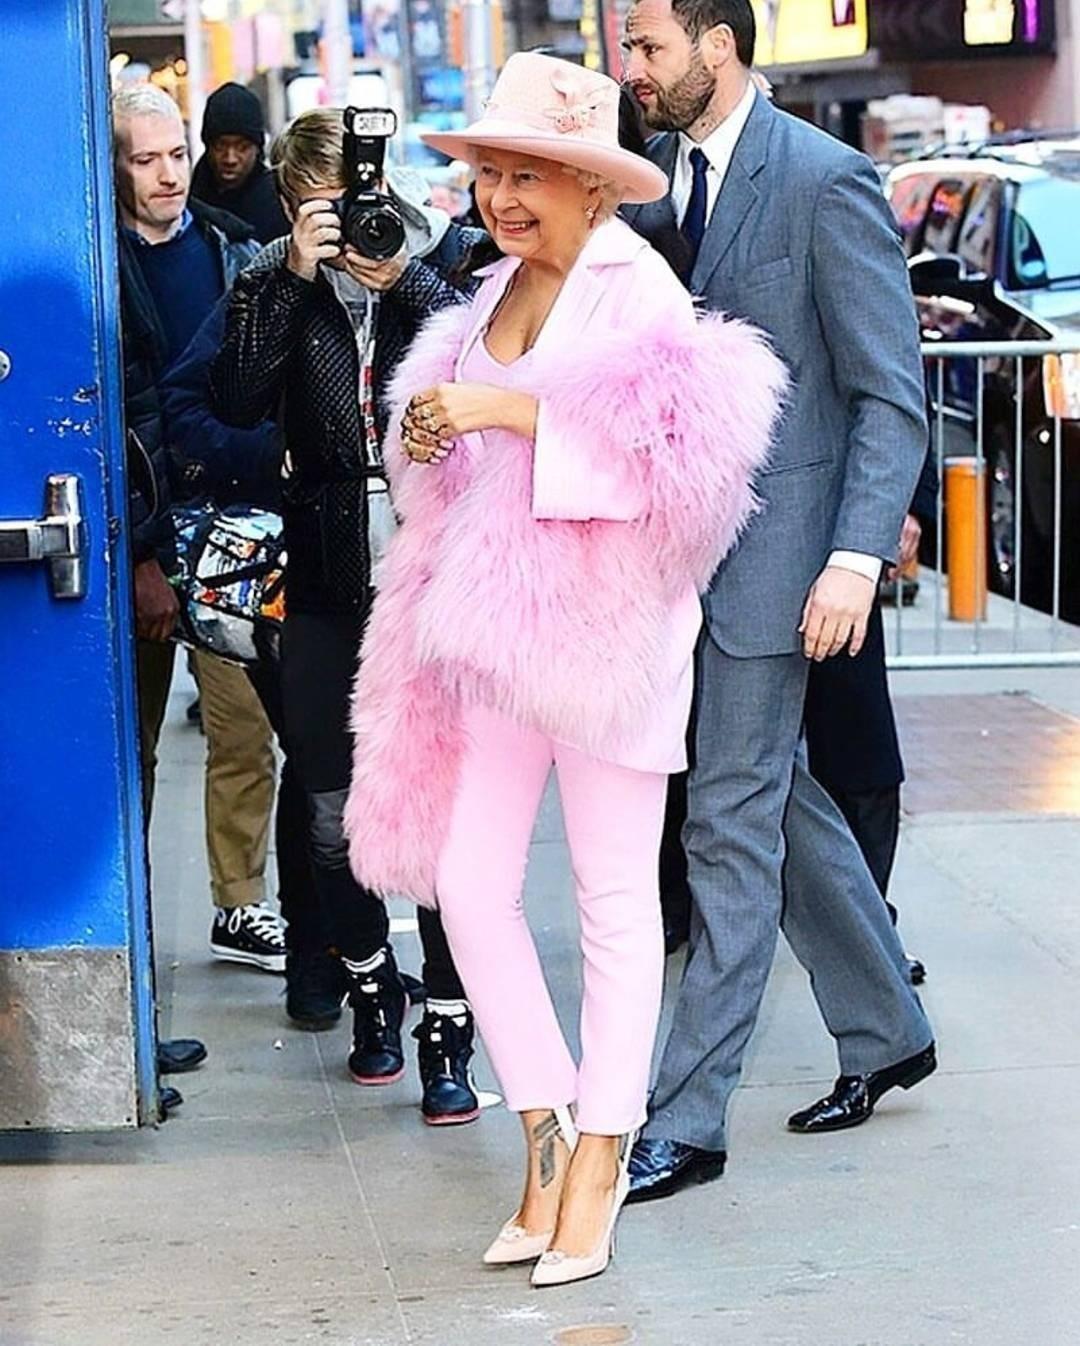 С молодежным стилем иклассикой определились, а что насчет гламура? Розовый цвет, перья ишпильки клицу британской королеве? Если бы Фредди Мейд был стилистом Елизаветы II, то выбрал бы...